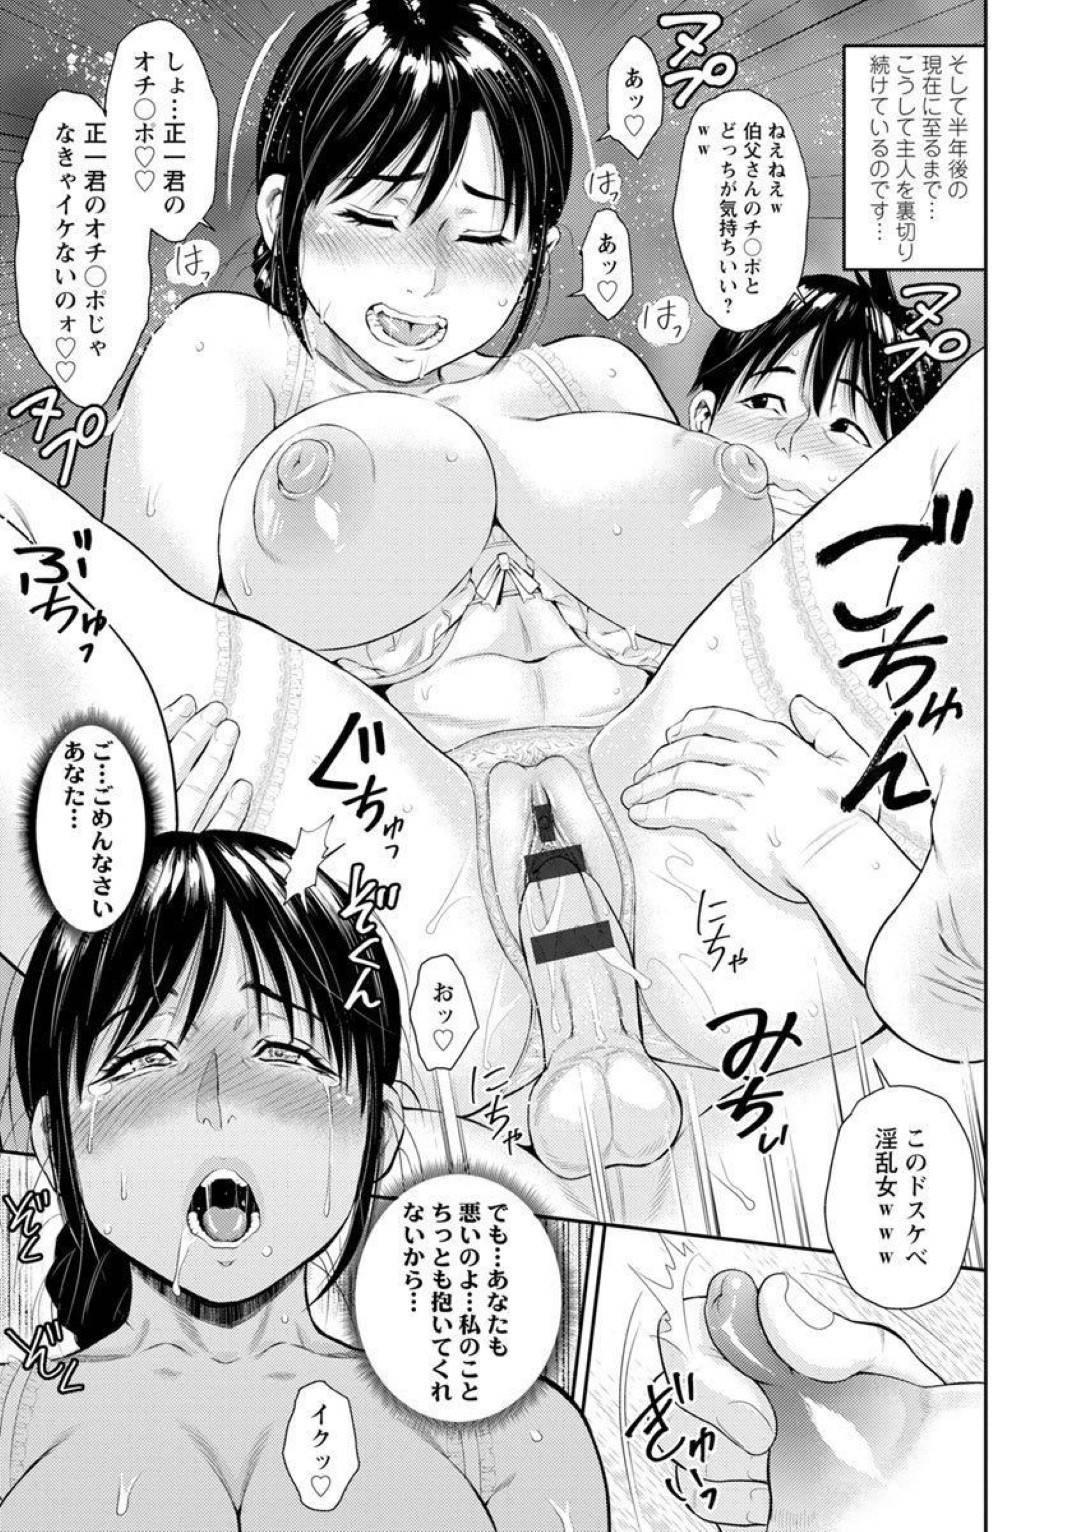 【エロ漫画】大学進学した親戚の青年を居候させる事となったムチムチ人妻。一緒に生活するにつれ、彼がいやらしい目で見ていることに気づいた彼女はその事を咎めるが、彼の想いは本気のようで、彼に流されるように不倫セックスしてしまう!